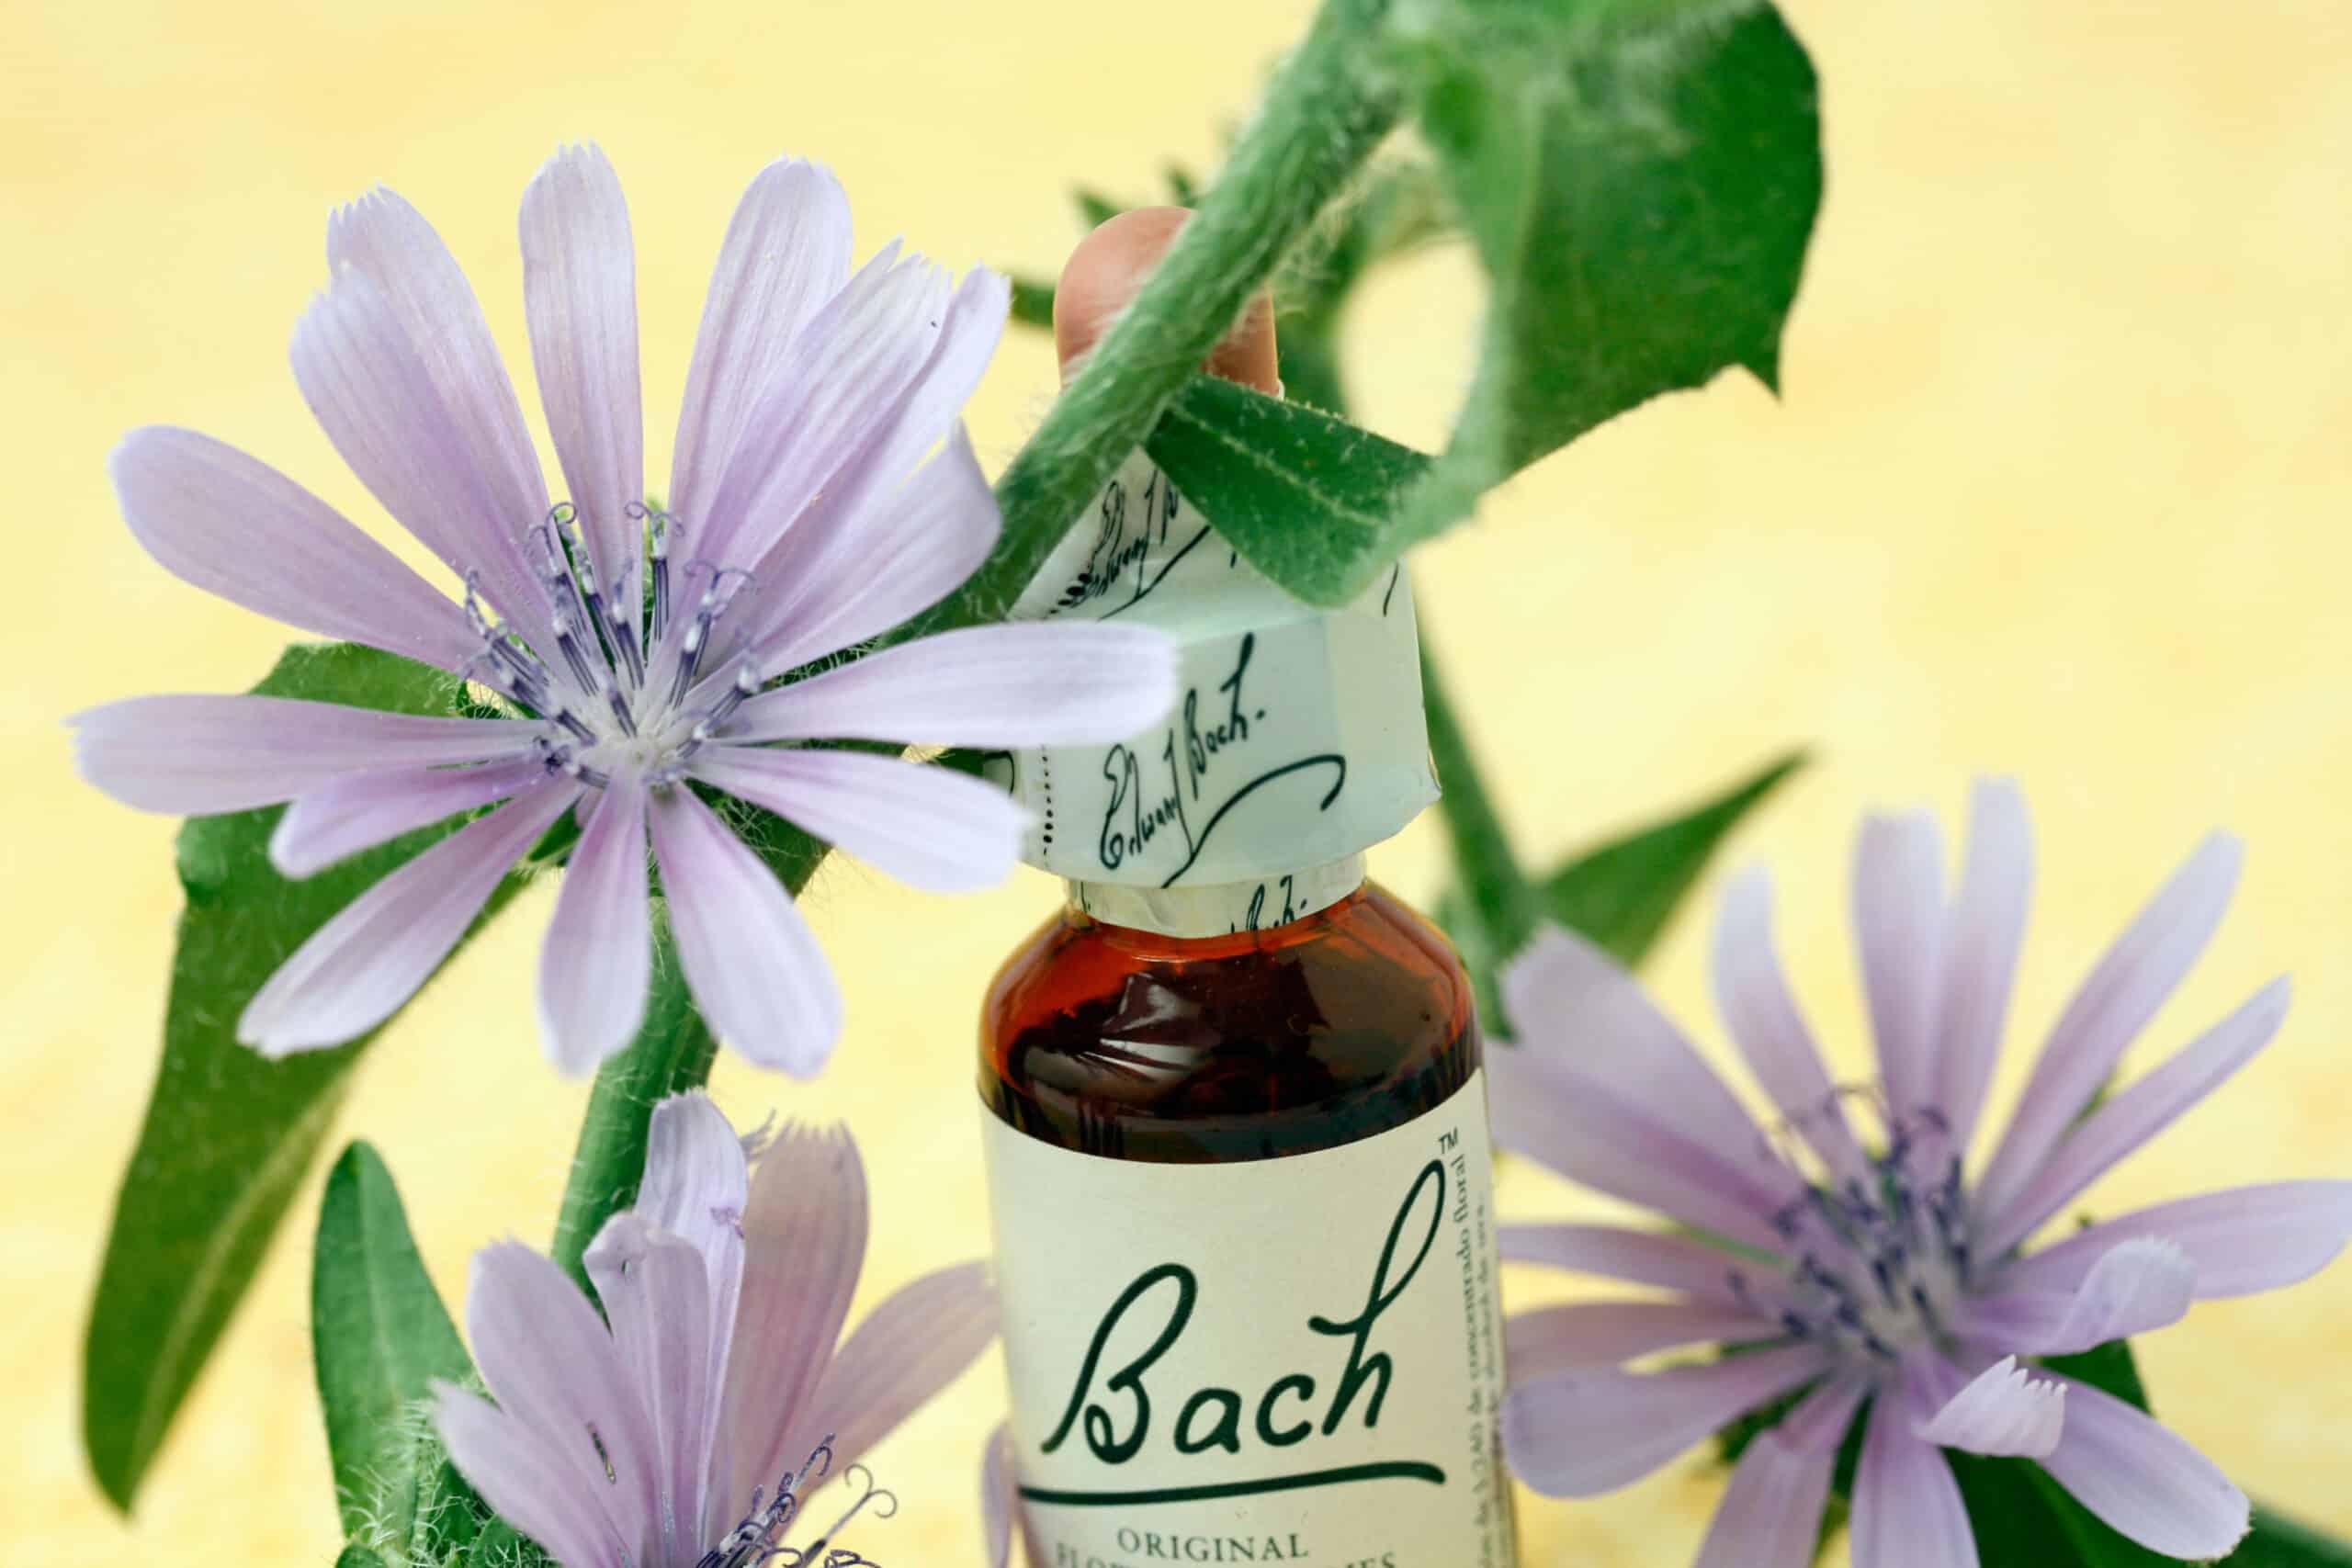 chicory fleurs de Bach cichorium intybus